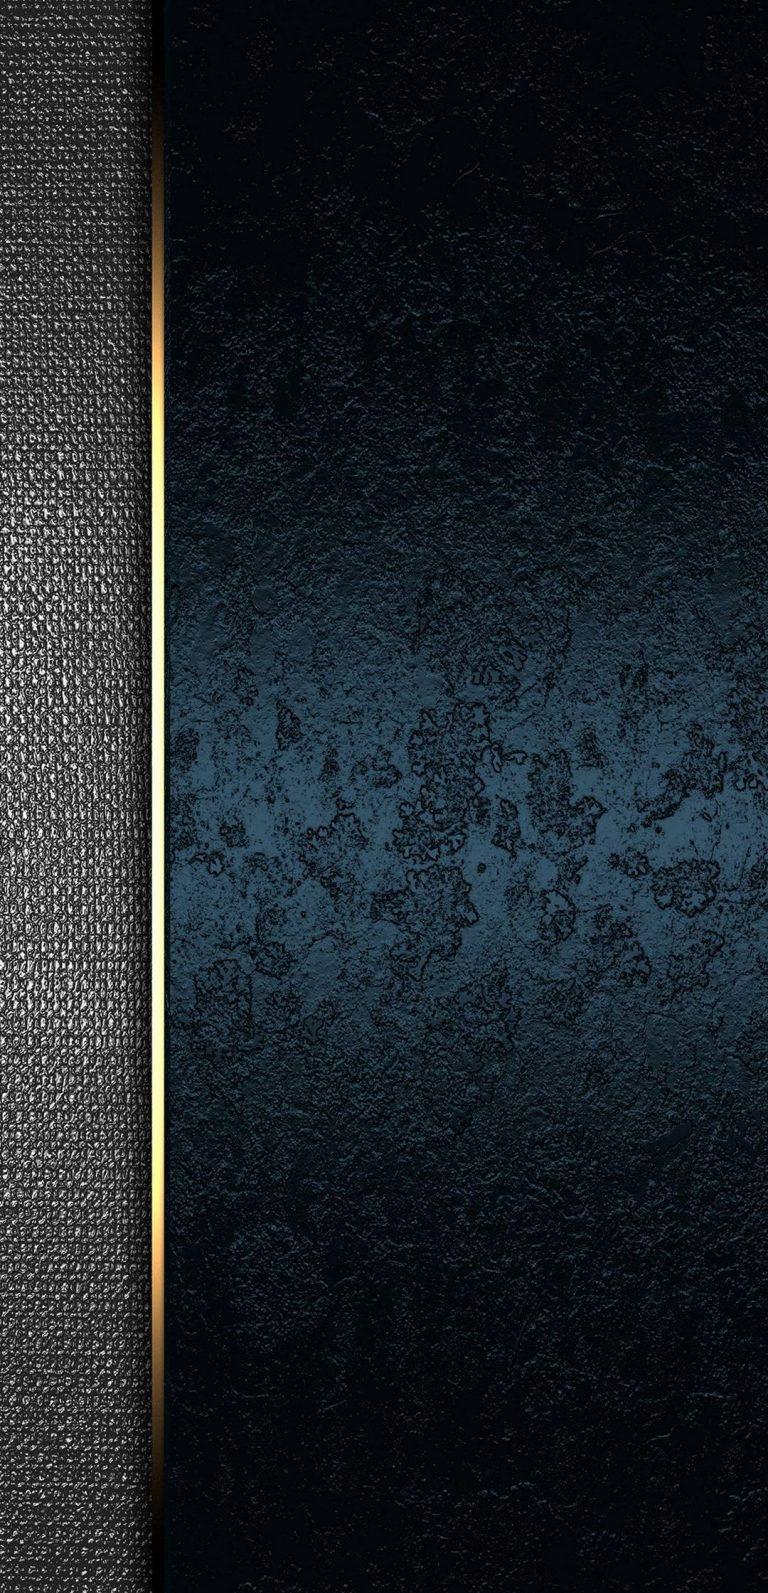 1080x2240 Wallpaper 146 768x1593